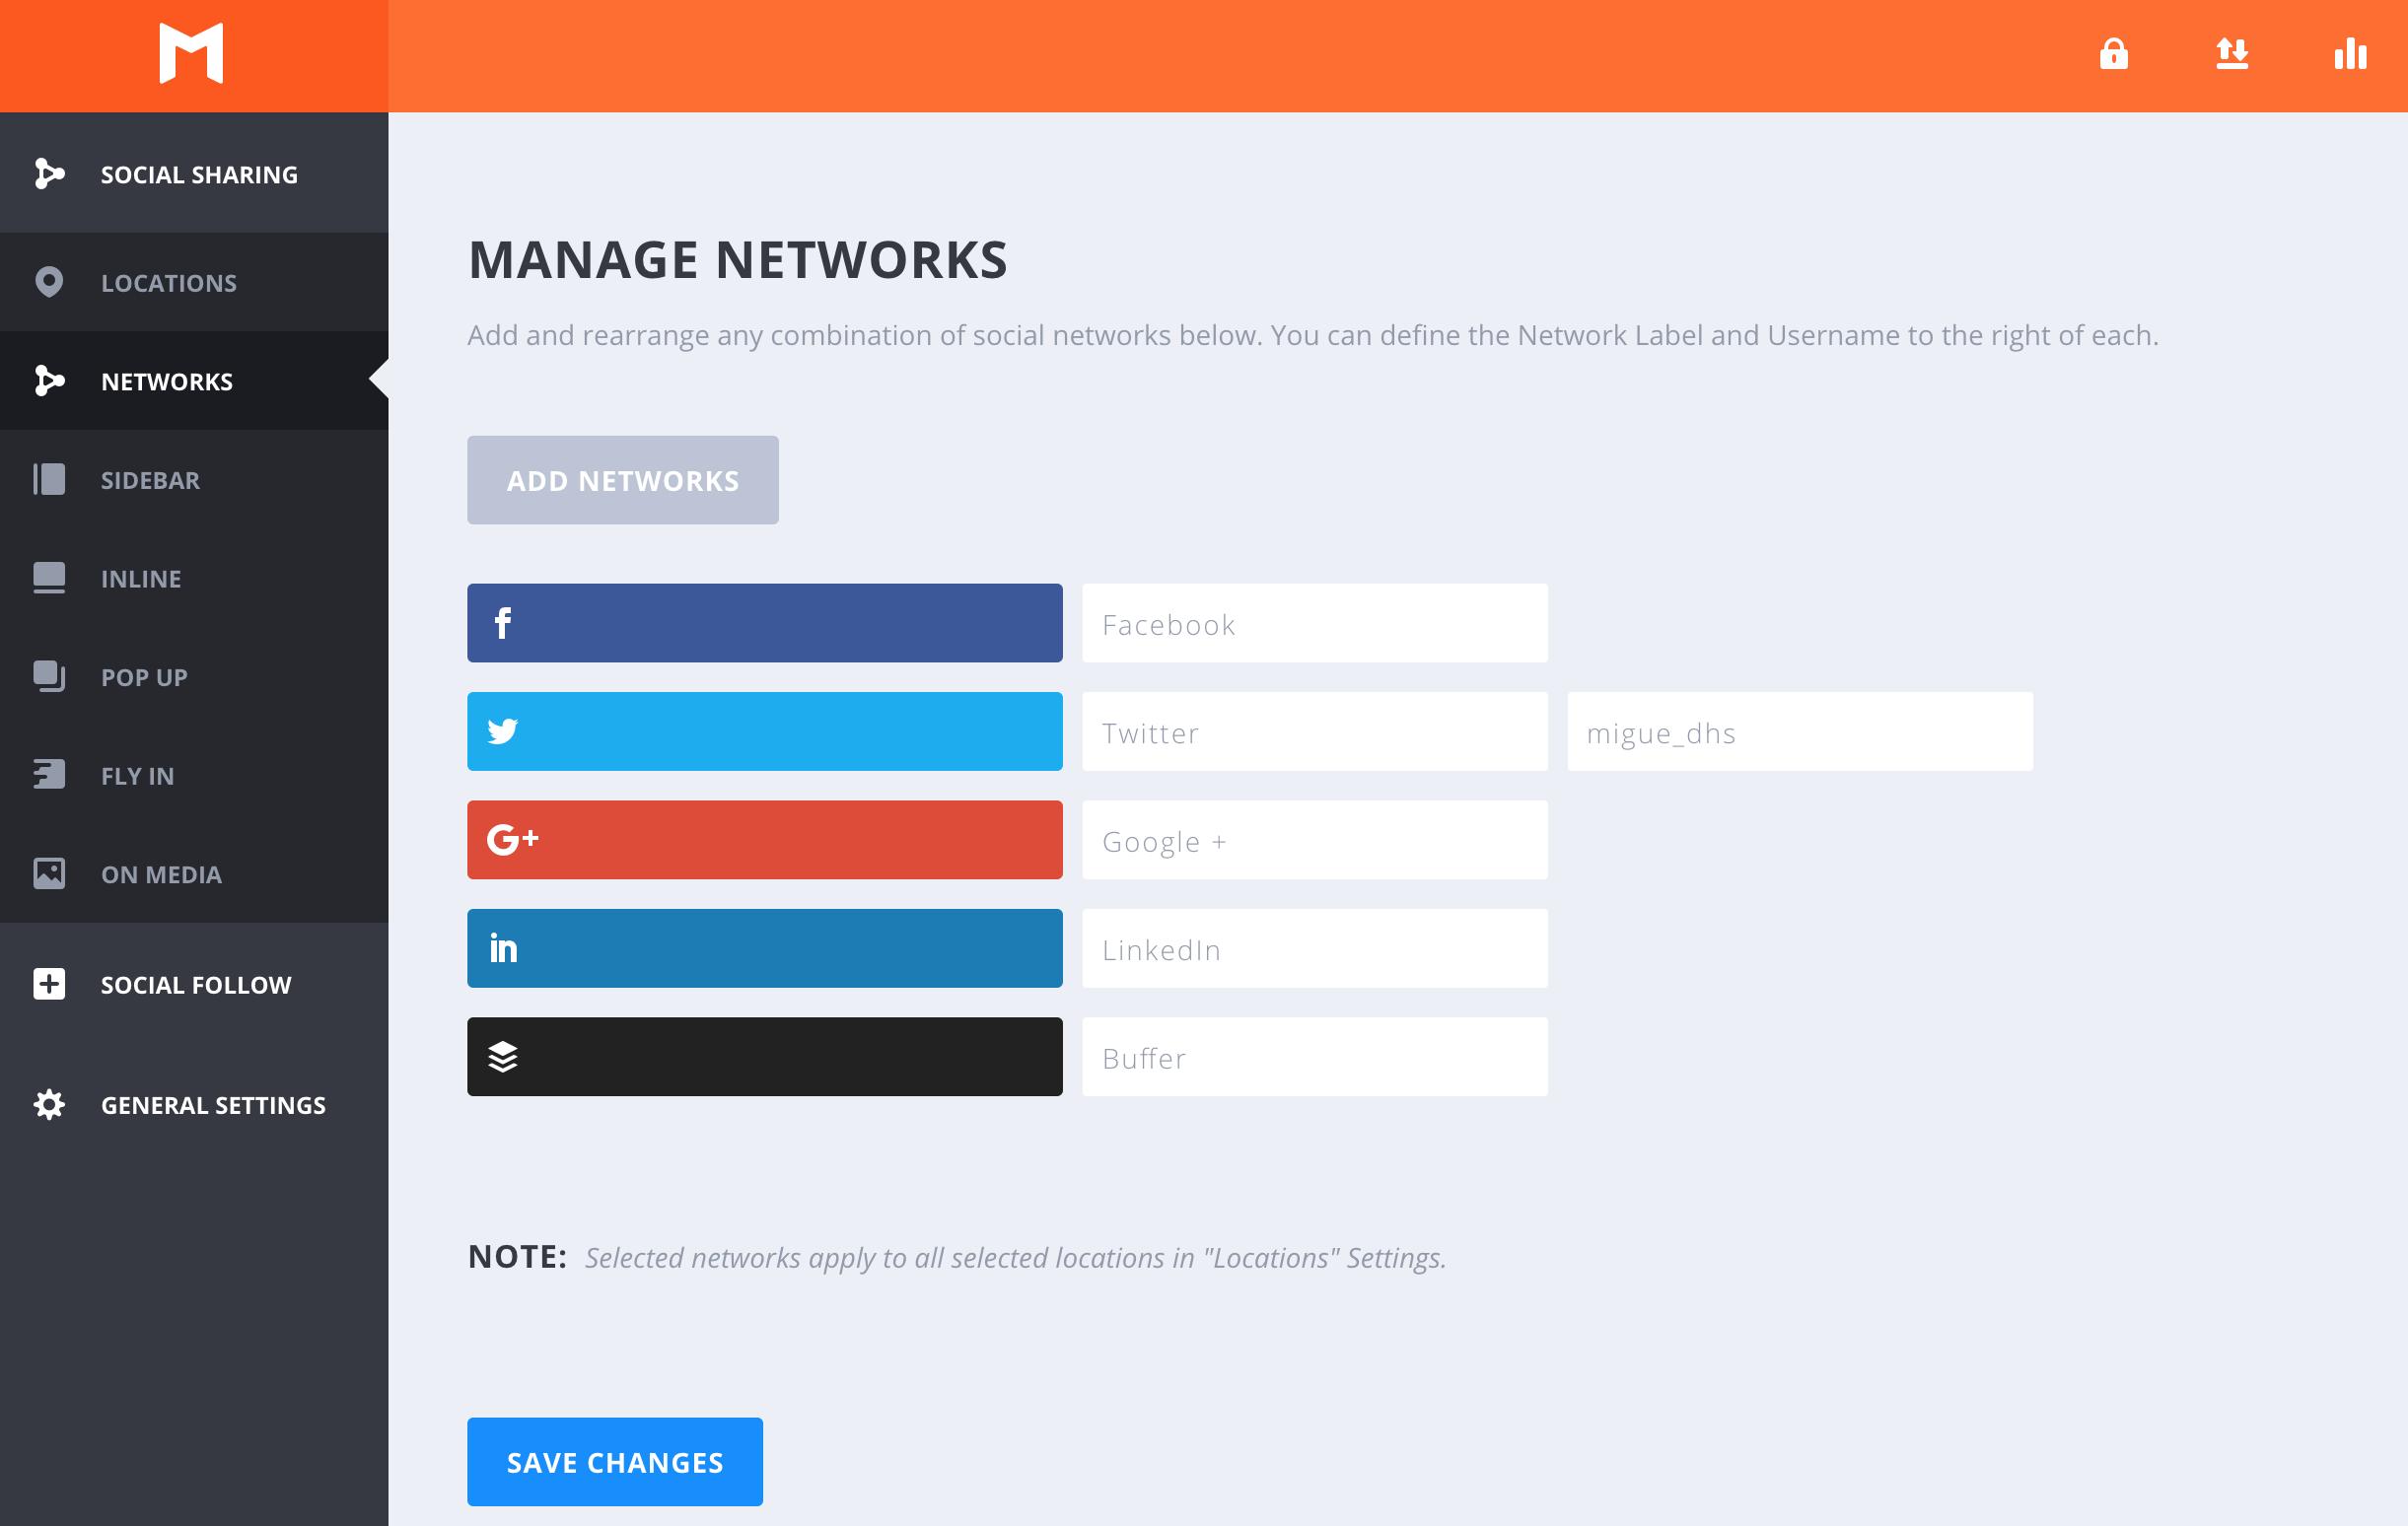 Plataformas sociales para compartir en redes sociales - Monarch WordPress